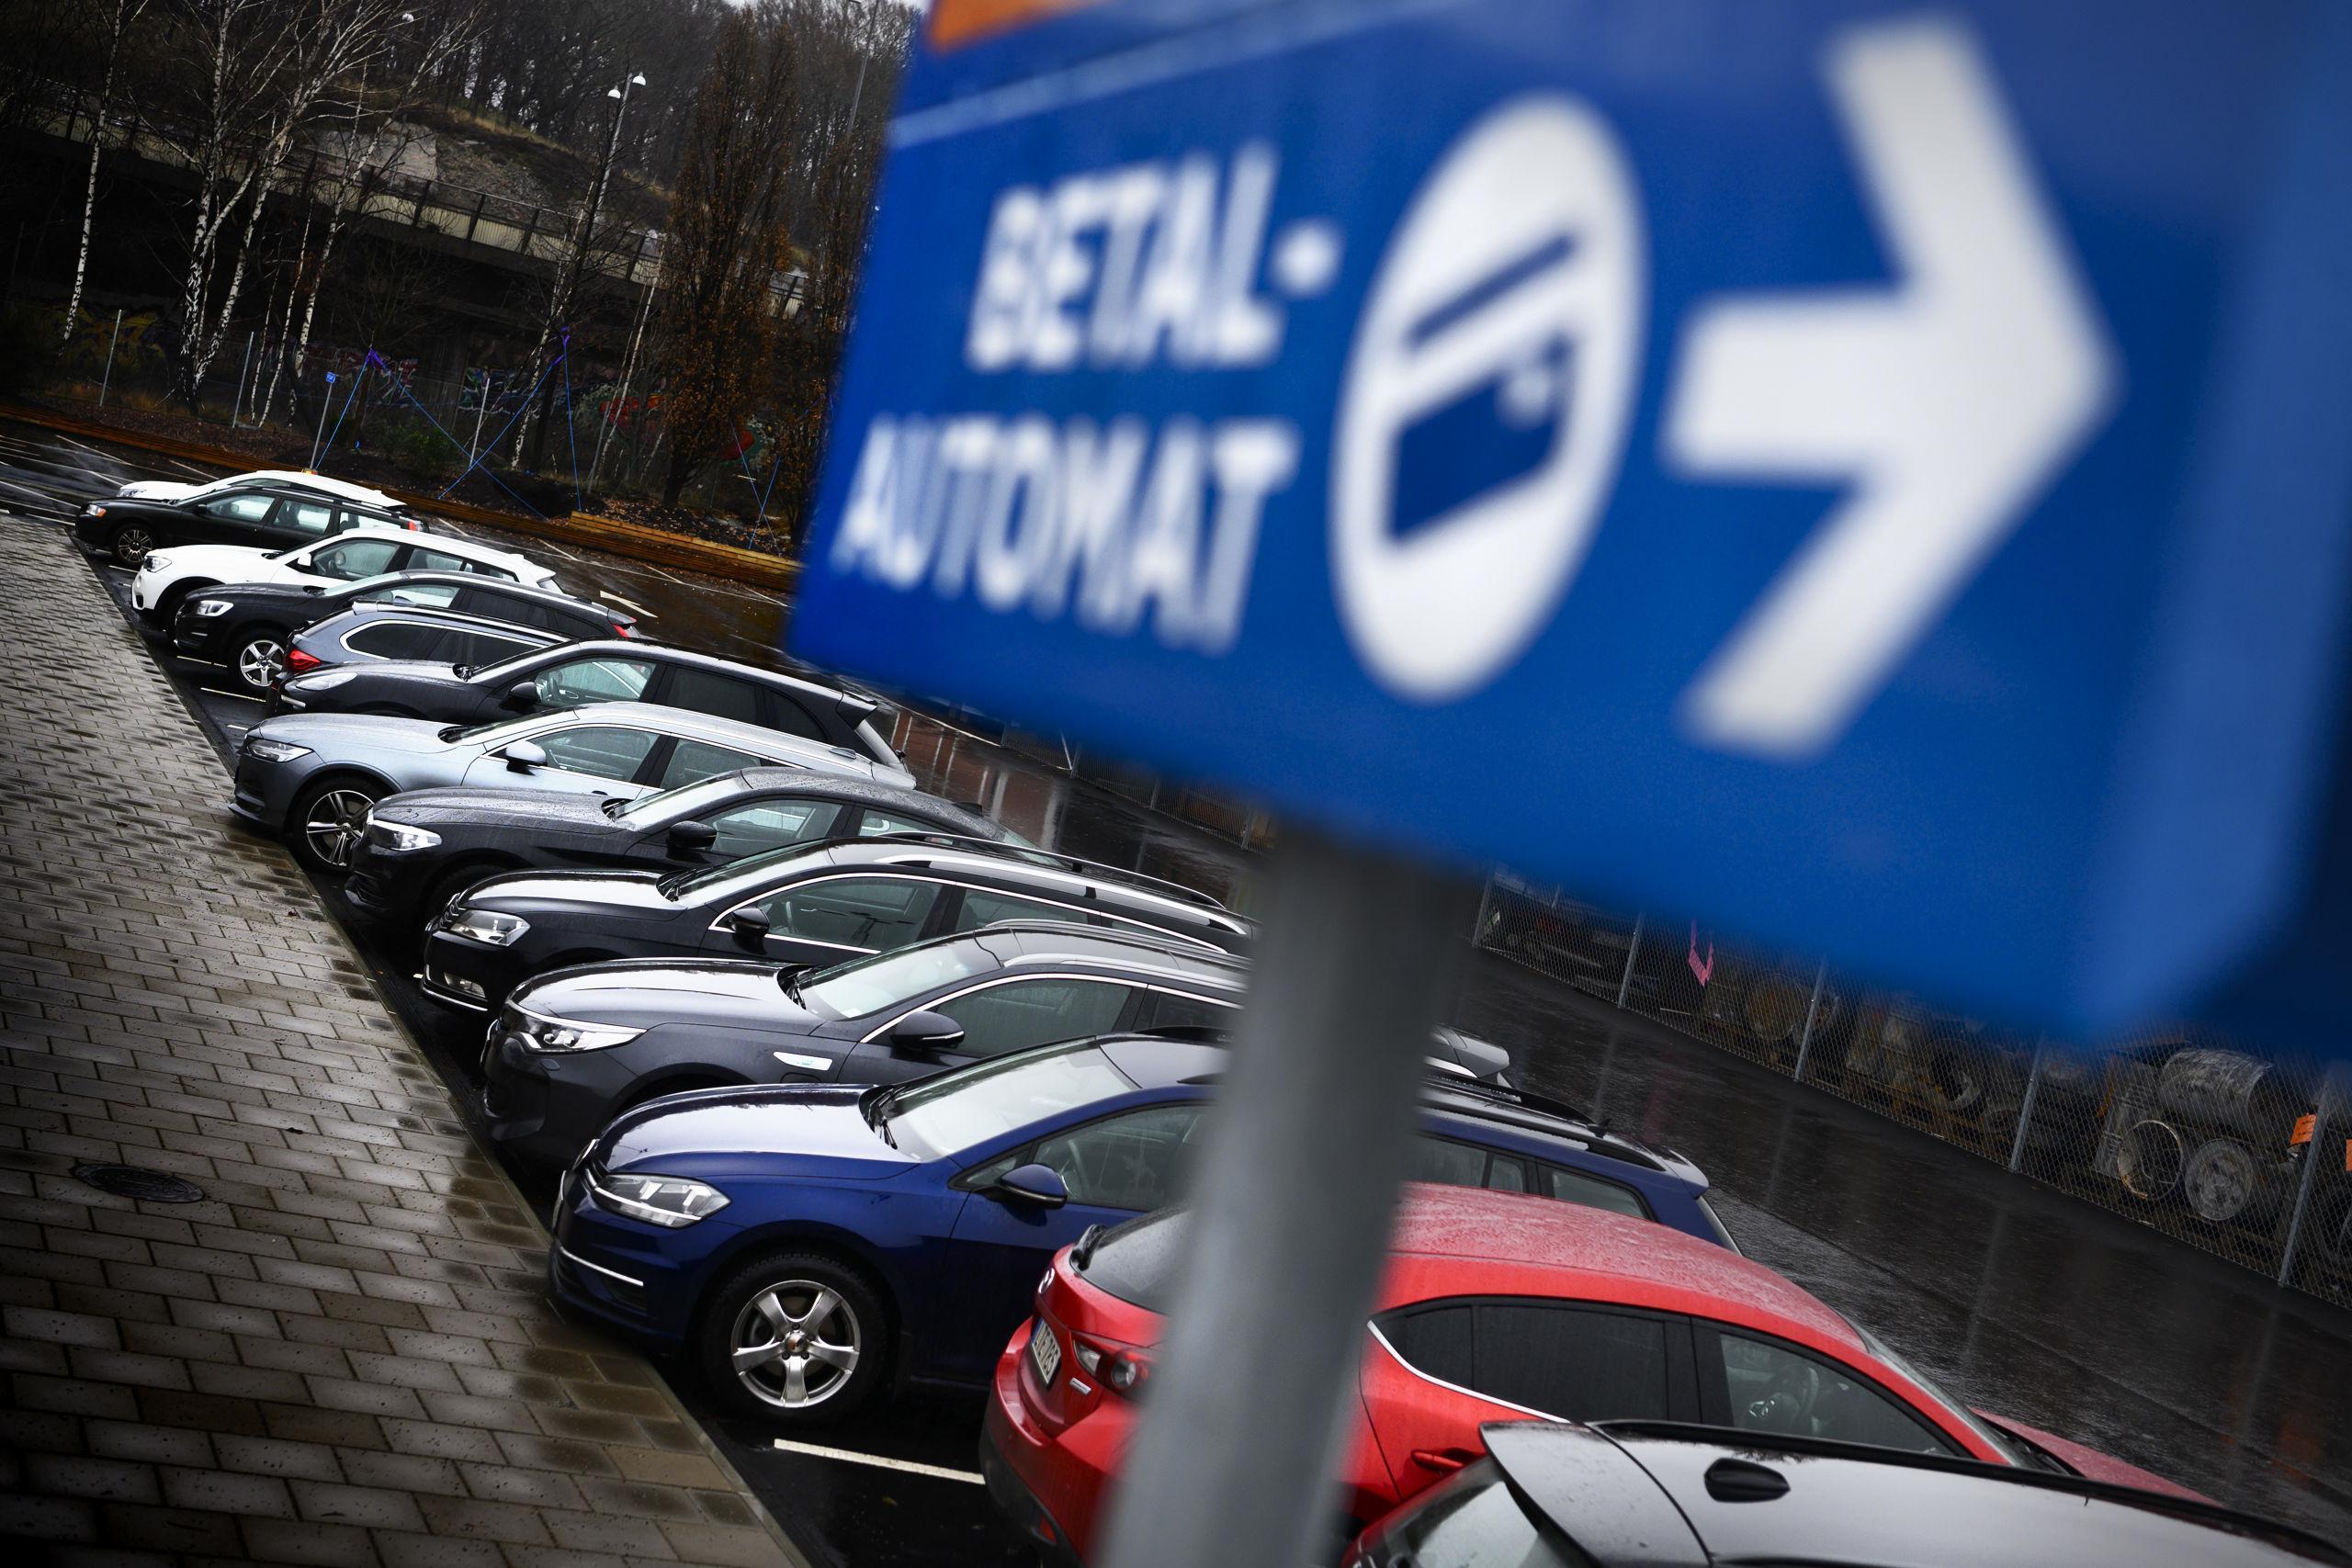 Här är Göteborgs billigaste parkeringar – kartläggning av p-platser